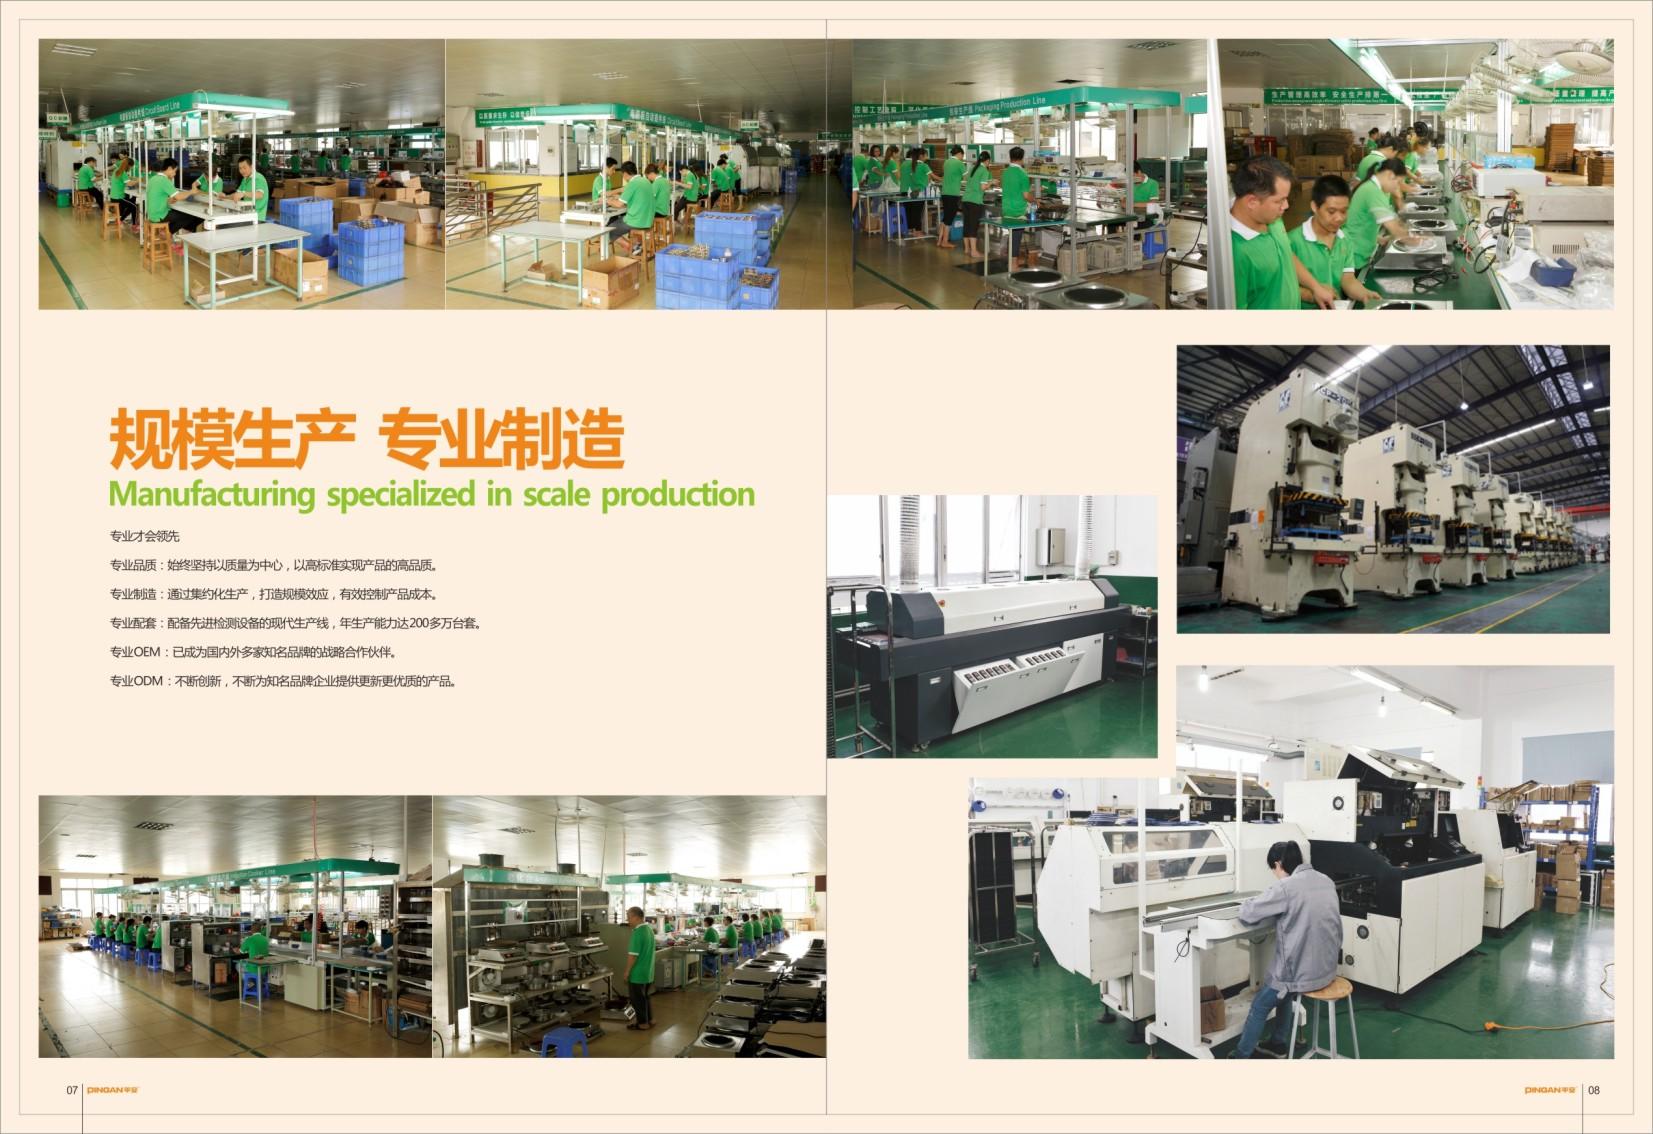 中山市九星电器有限公司_才通国际人才网_www.f8892.com